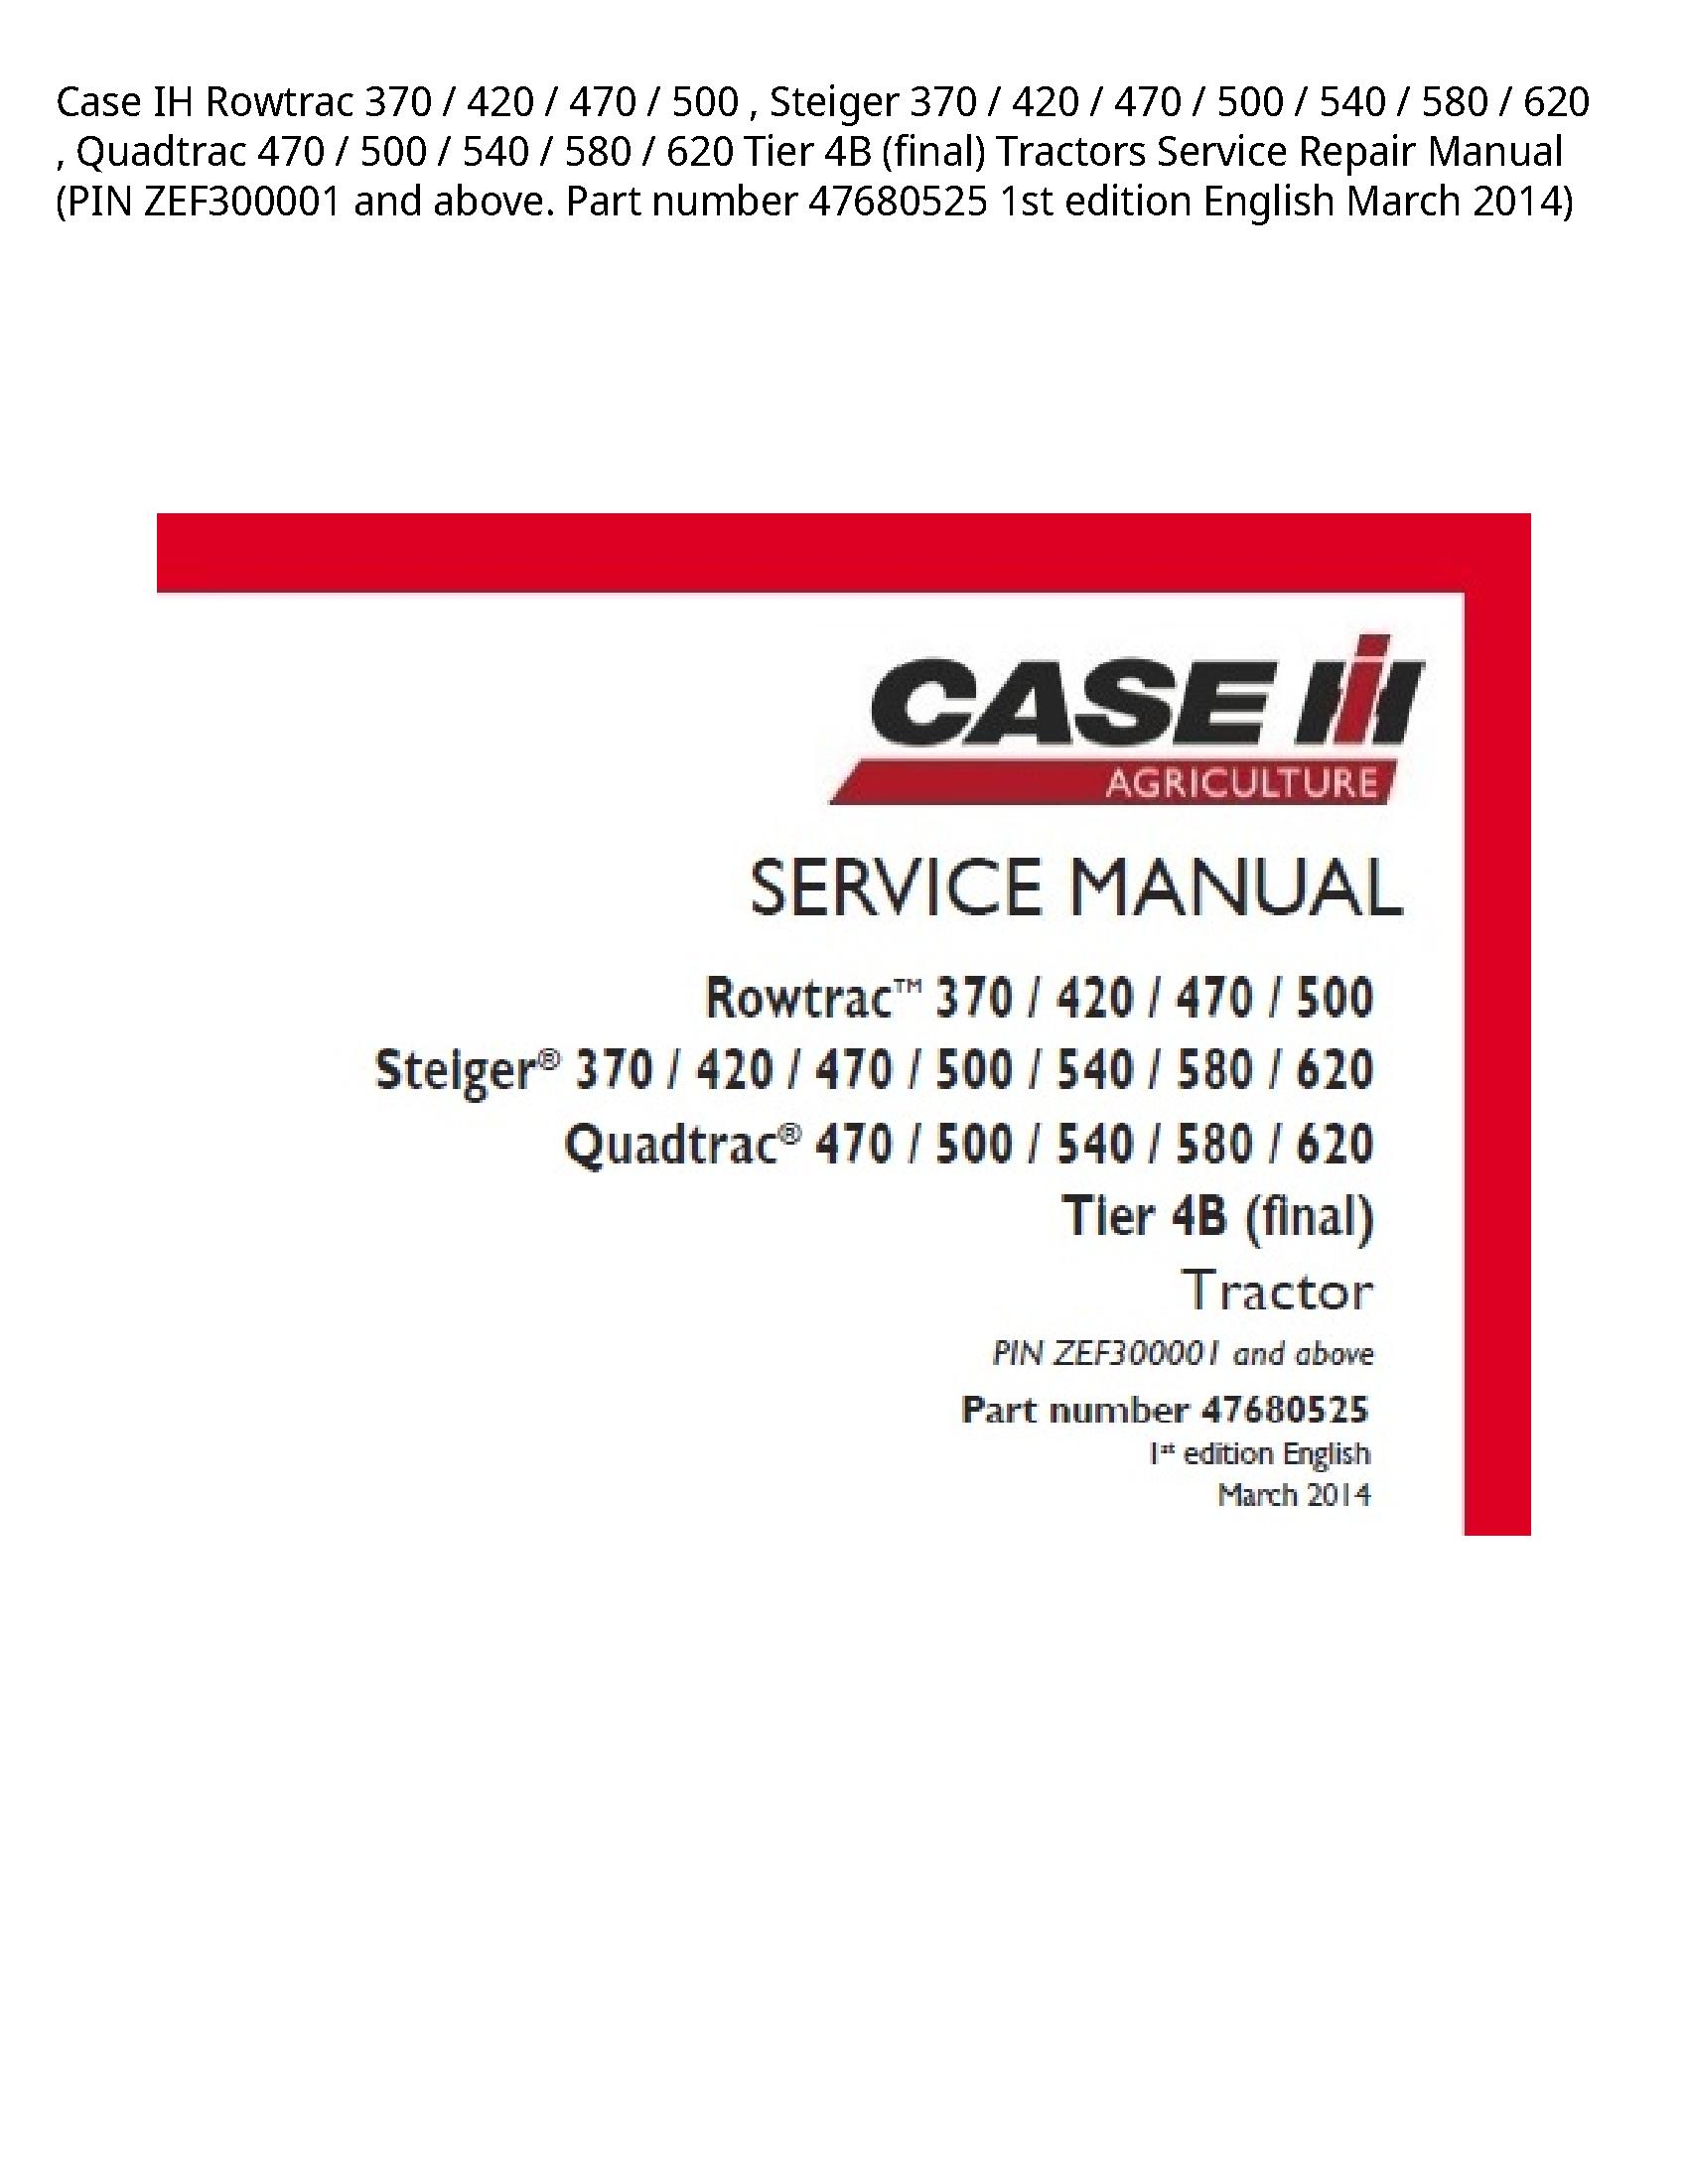 Case/Case IH 370 IH Rowtrac Steiger Quadtrac Tier (final) Tractors manual